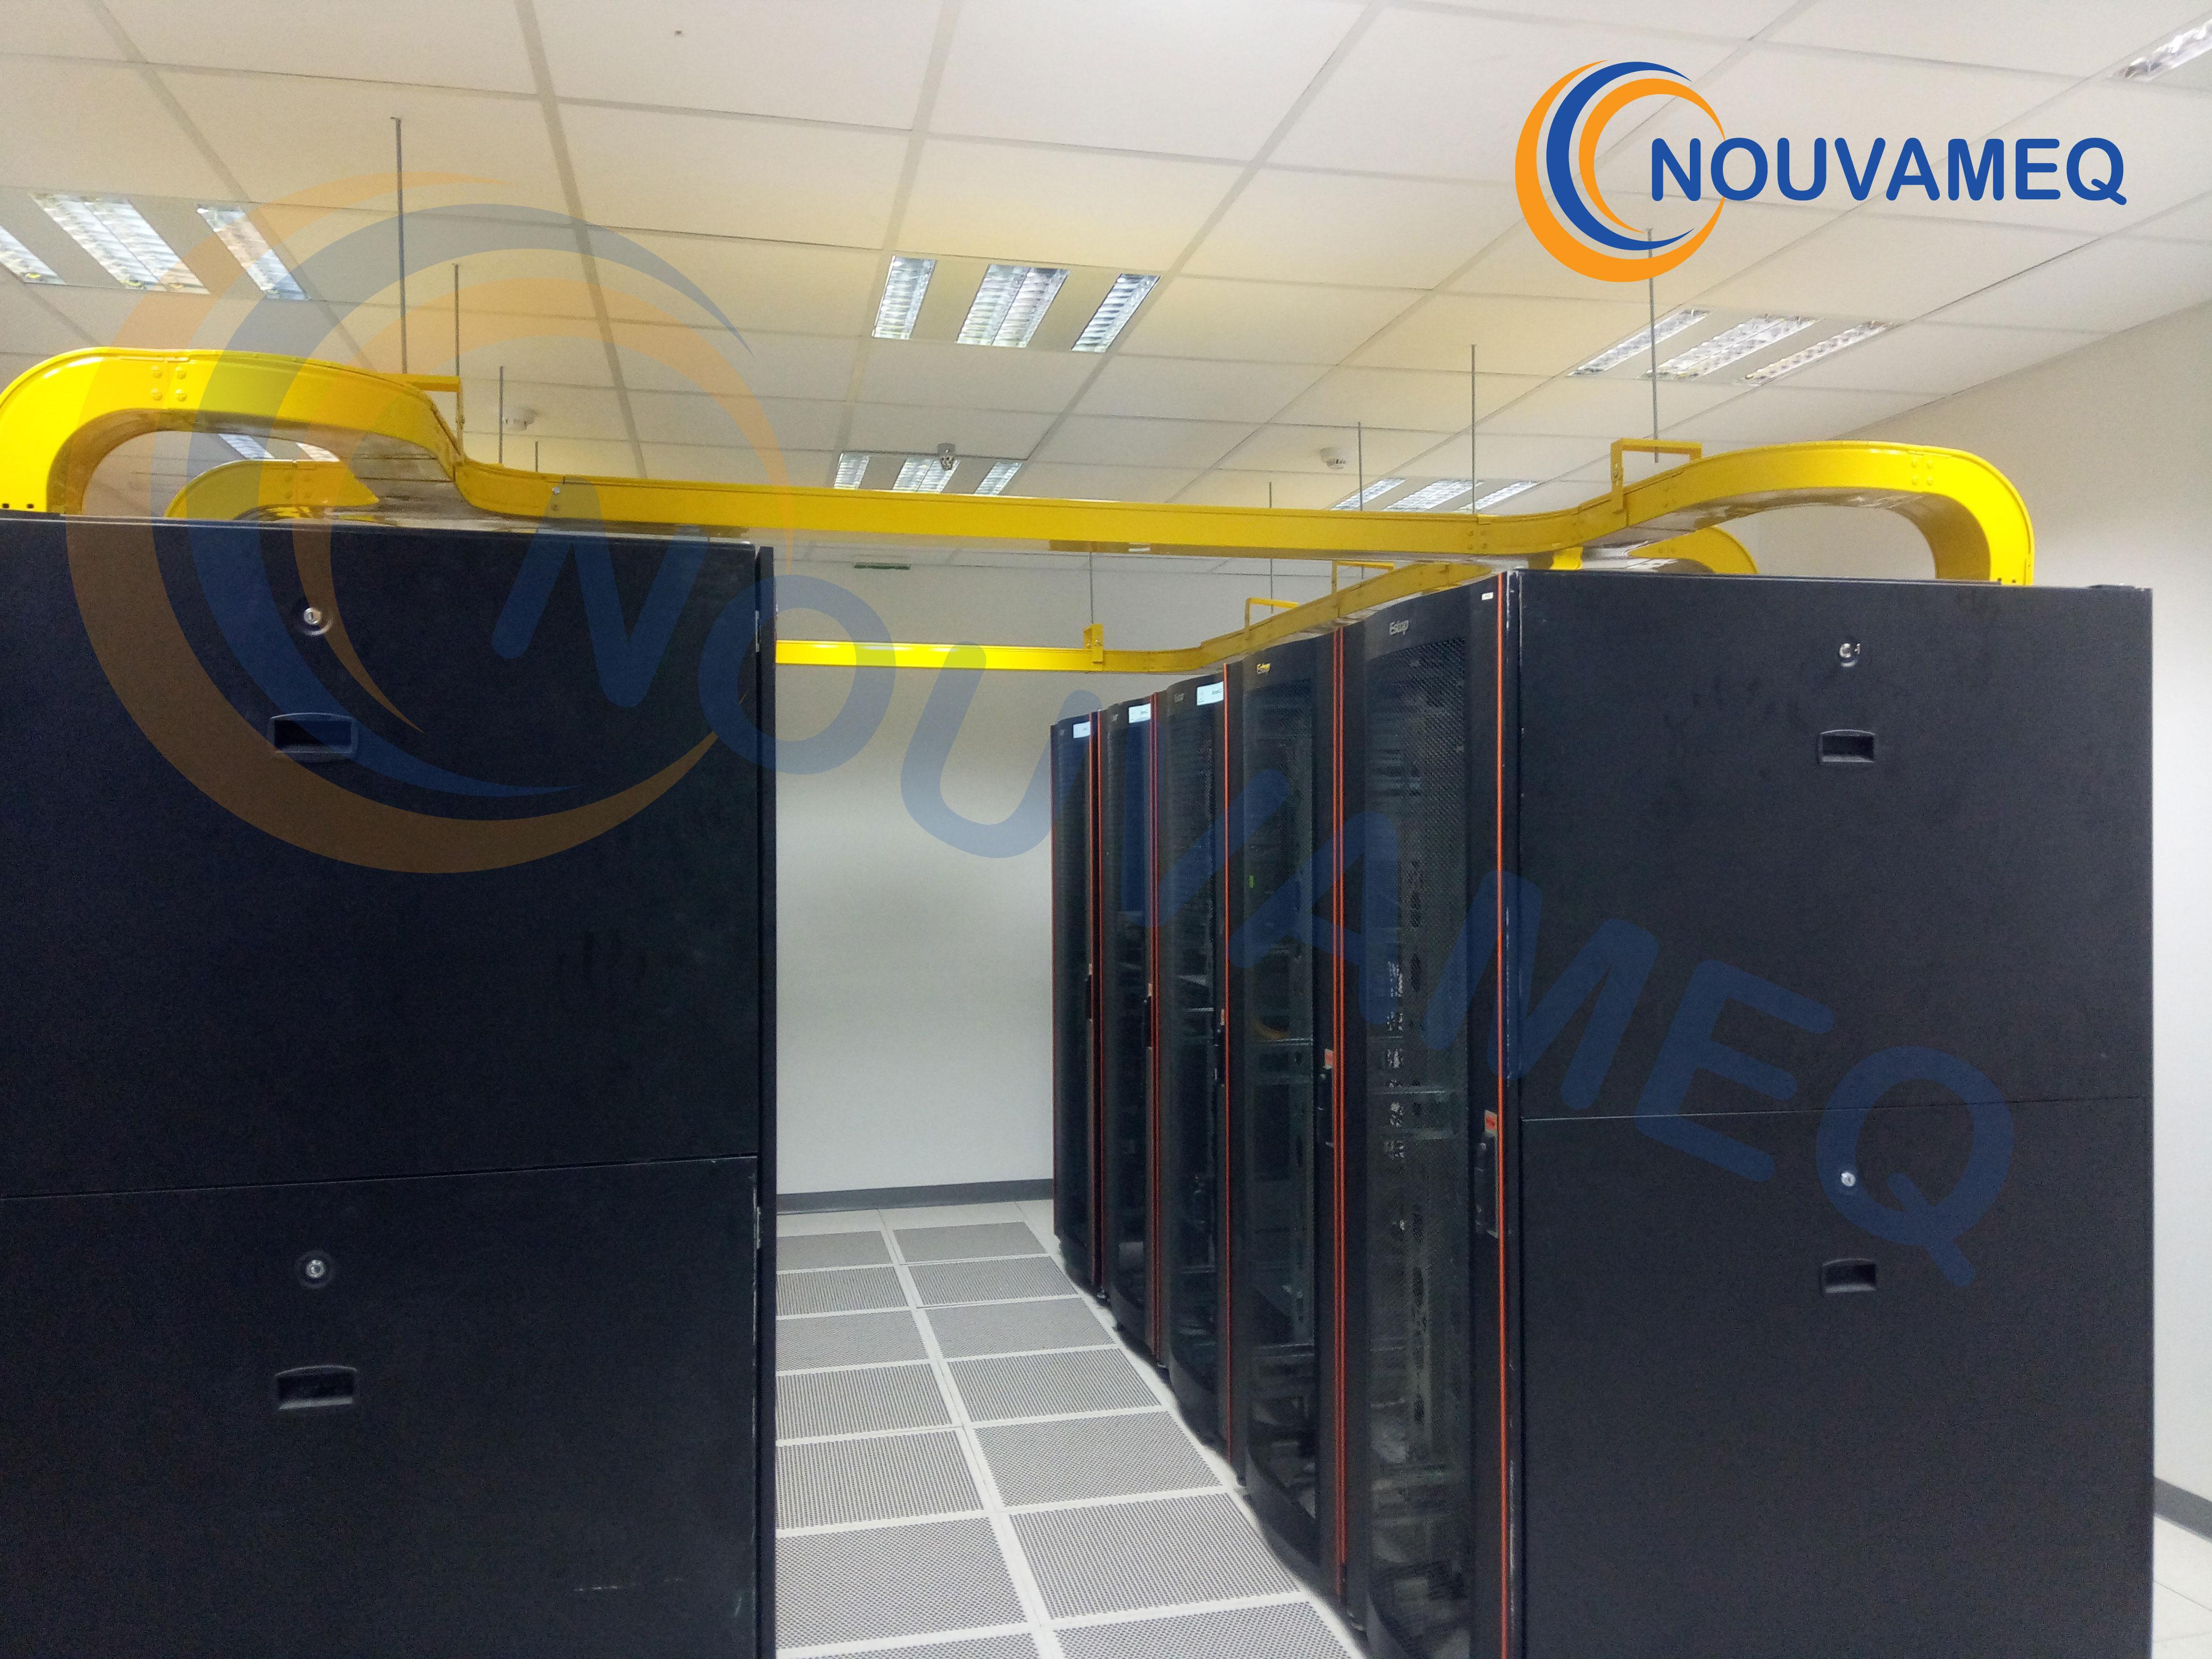 chambre-data-center-nouvameq-tunisie-7